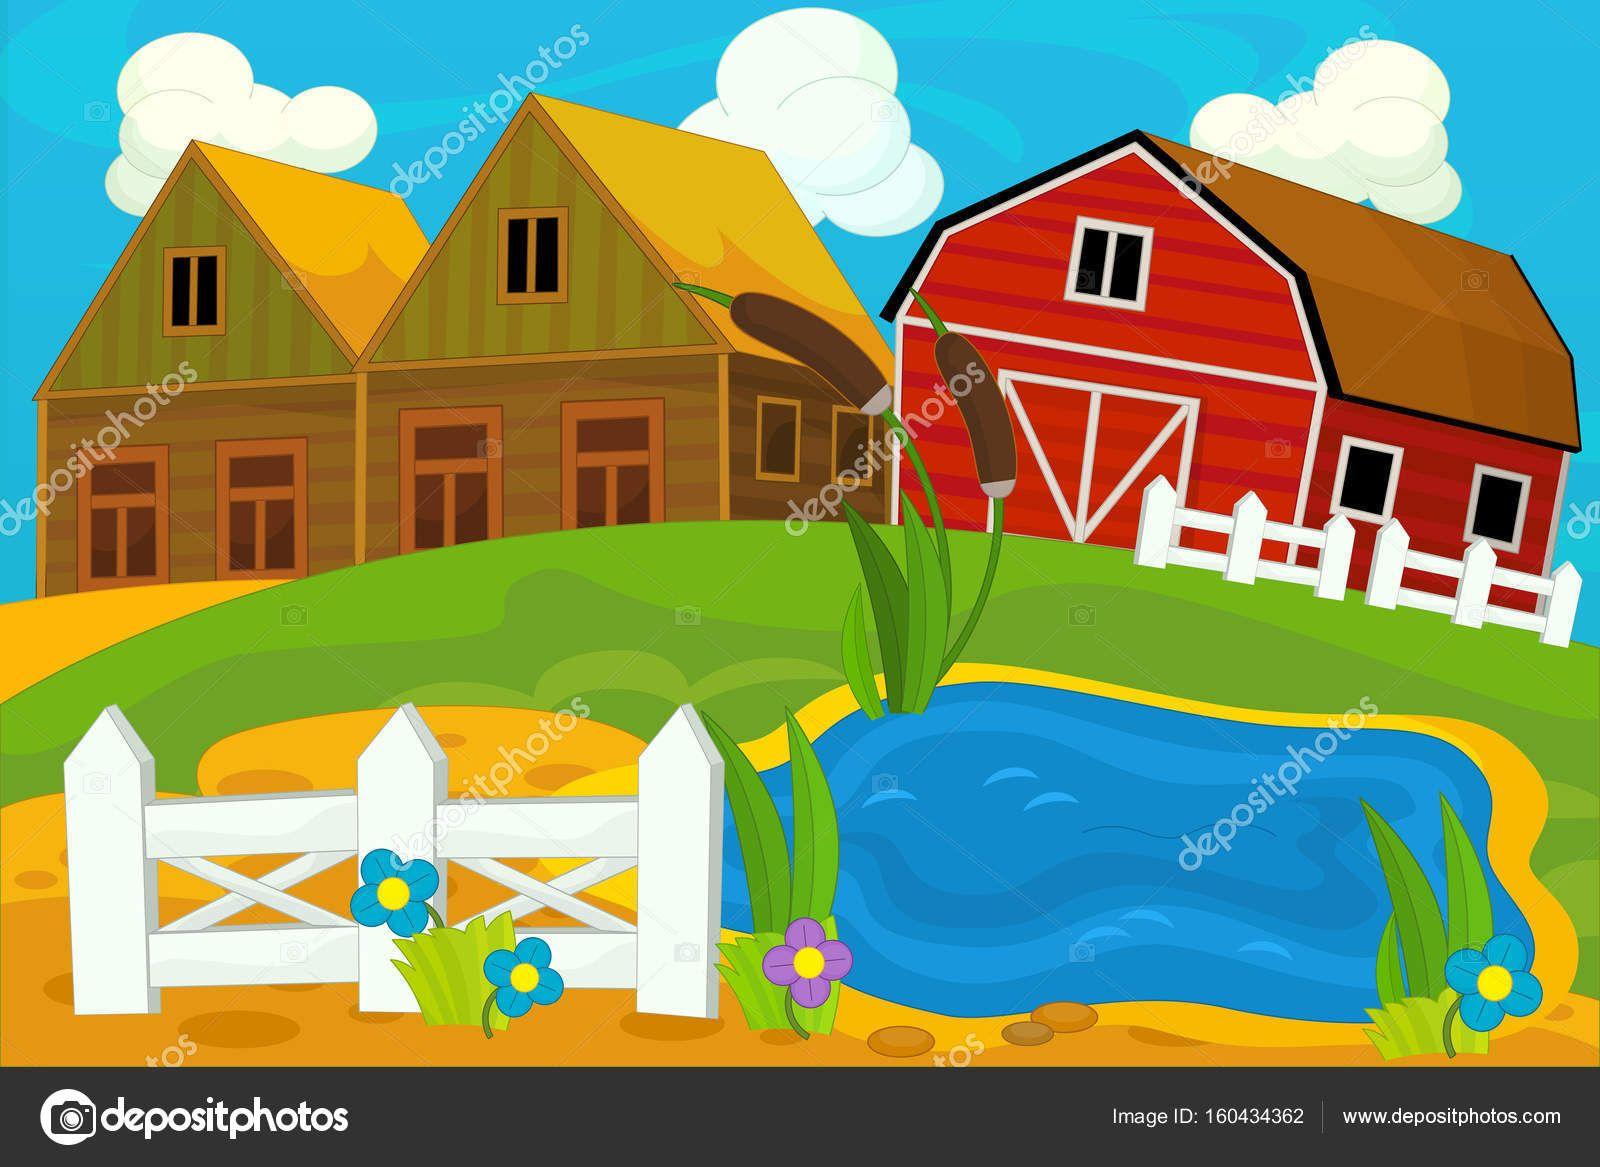 Descargar Dibujos Animados De Campo Y Casas De Madera Imagen De